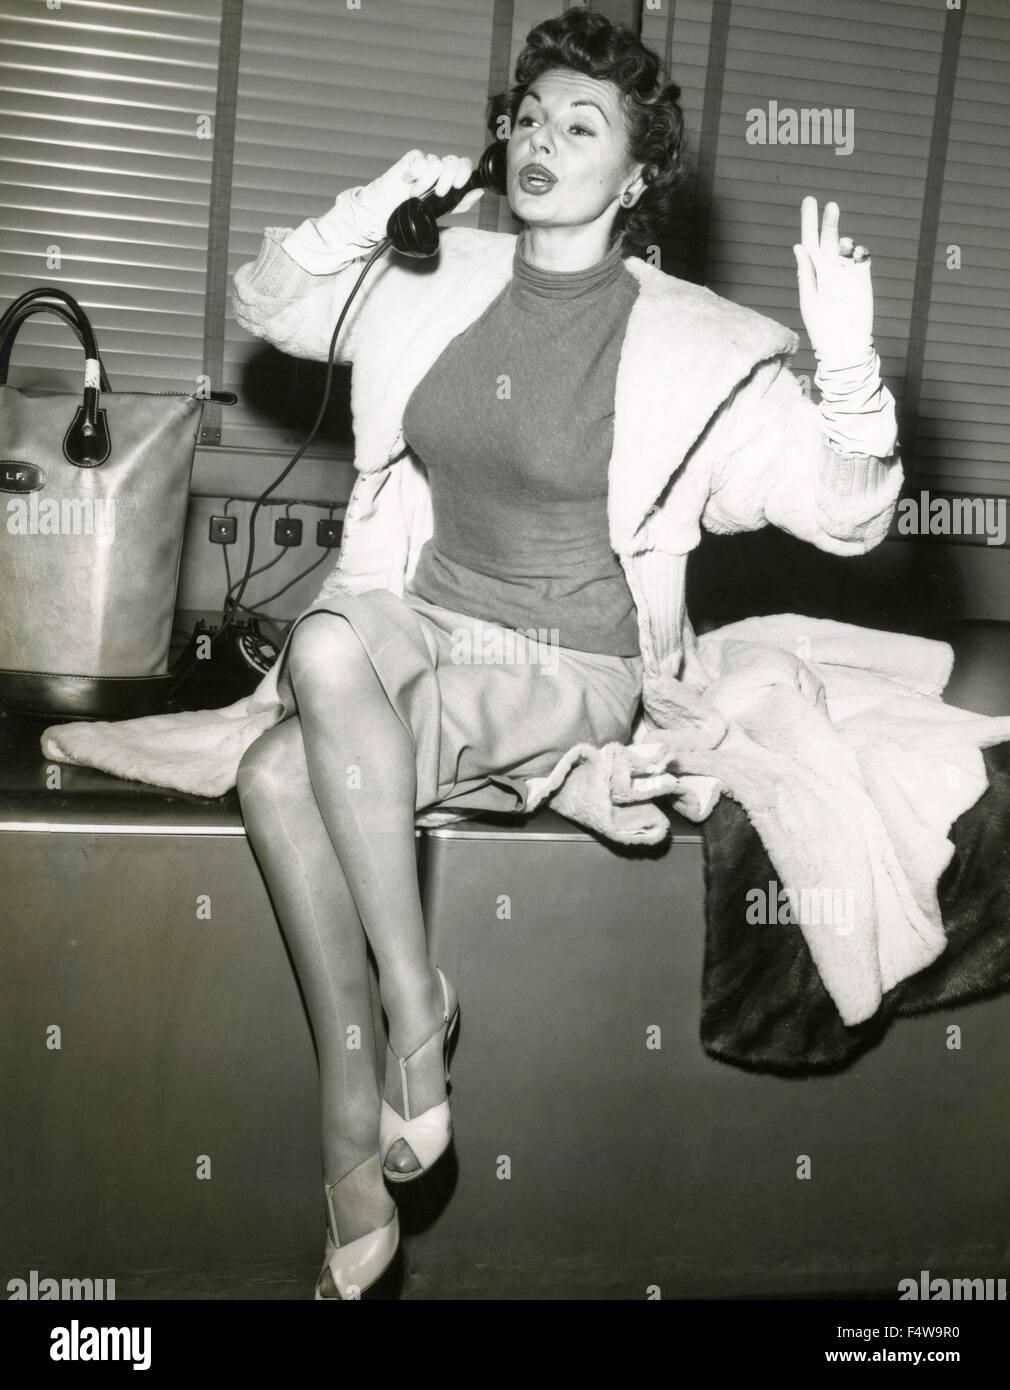 Judy Ann Santos (b. 1978) pics